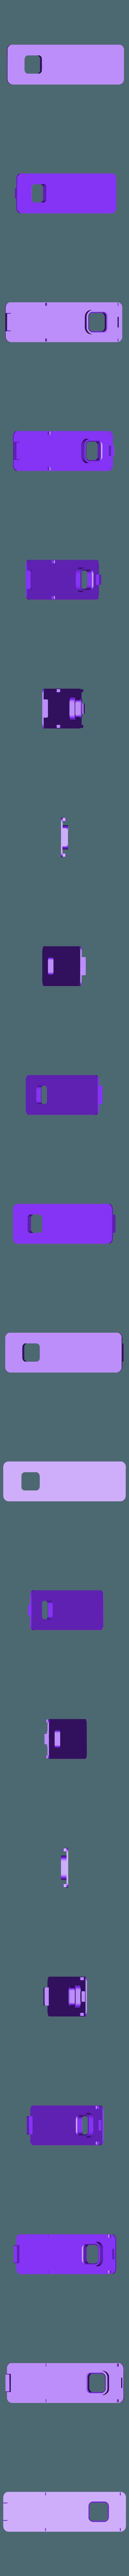 VA_Meter_Case_v2-0_BOTTOM.STL Download free STL file Voltmeter/Ammeter Case - 2 • 3D print object, WalterHsiao